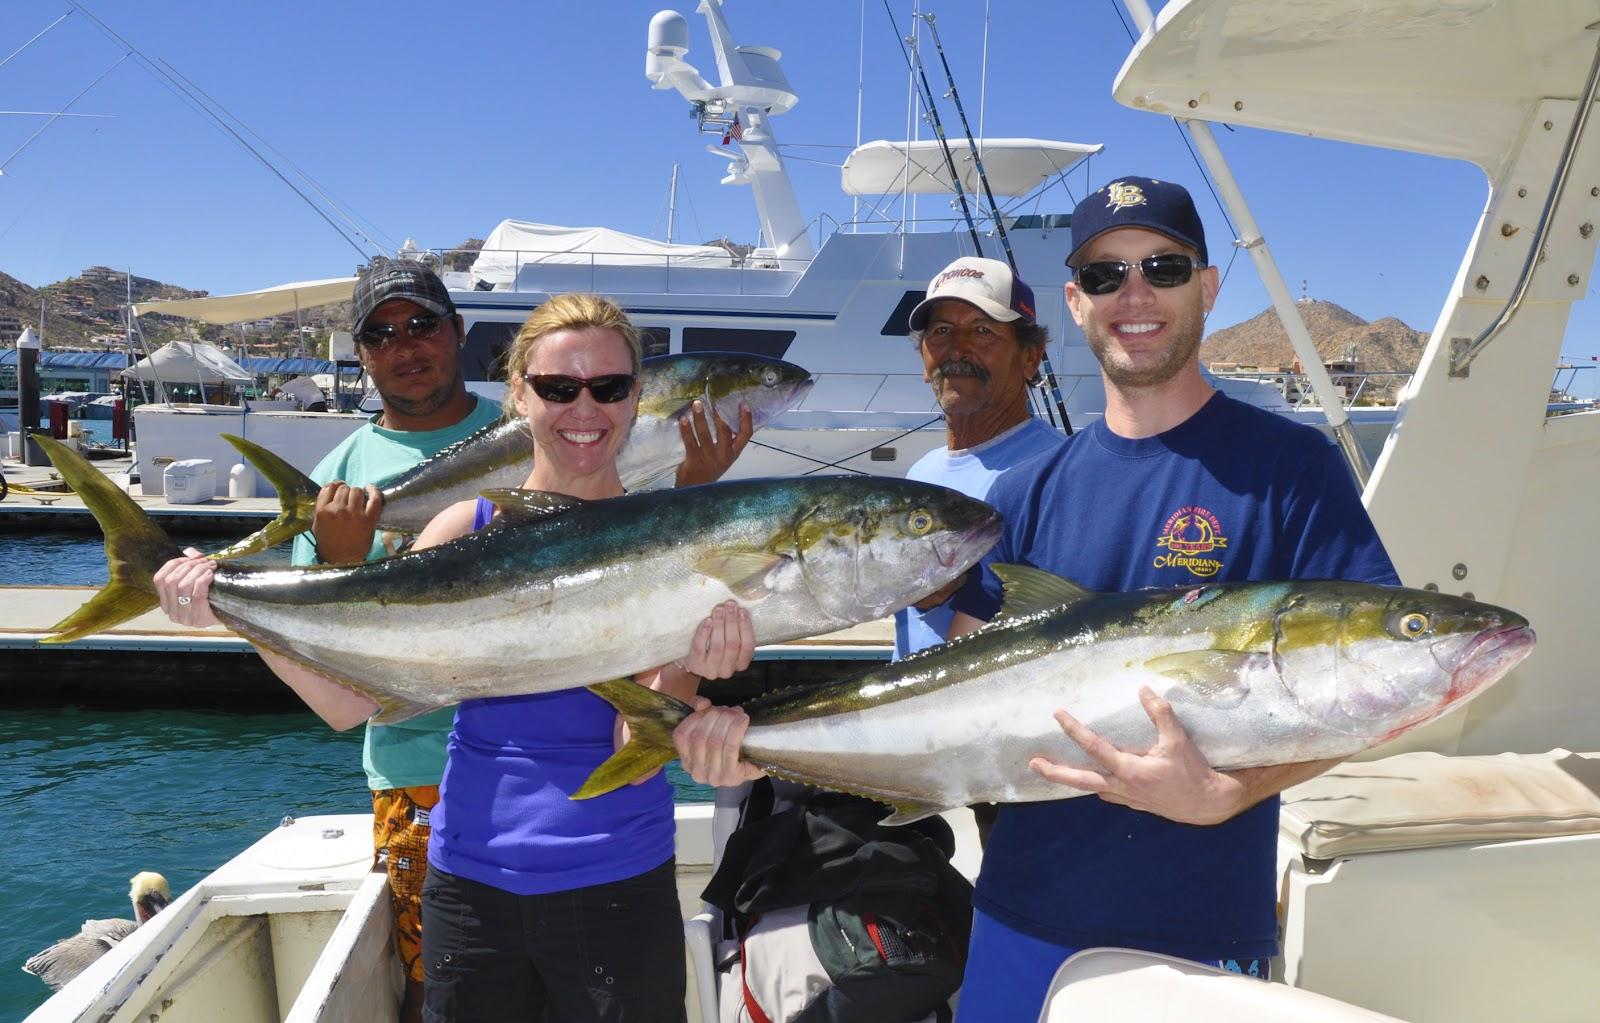 Pisces fleet sportfishing blog feb 21 2012 for Pisces fishing cabo